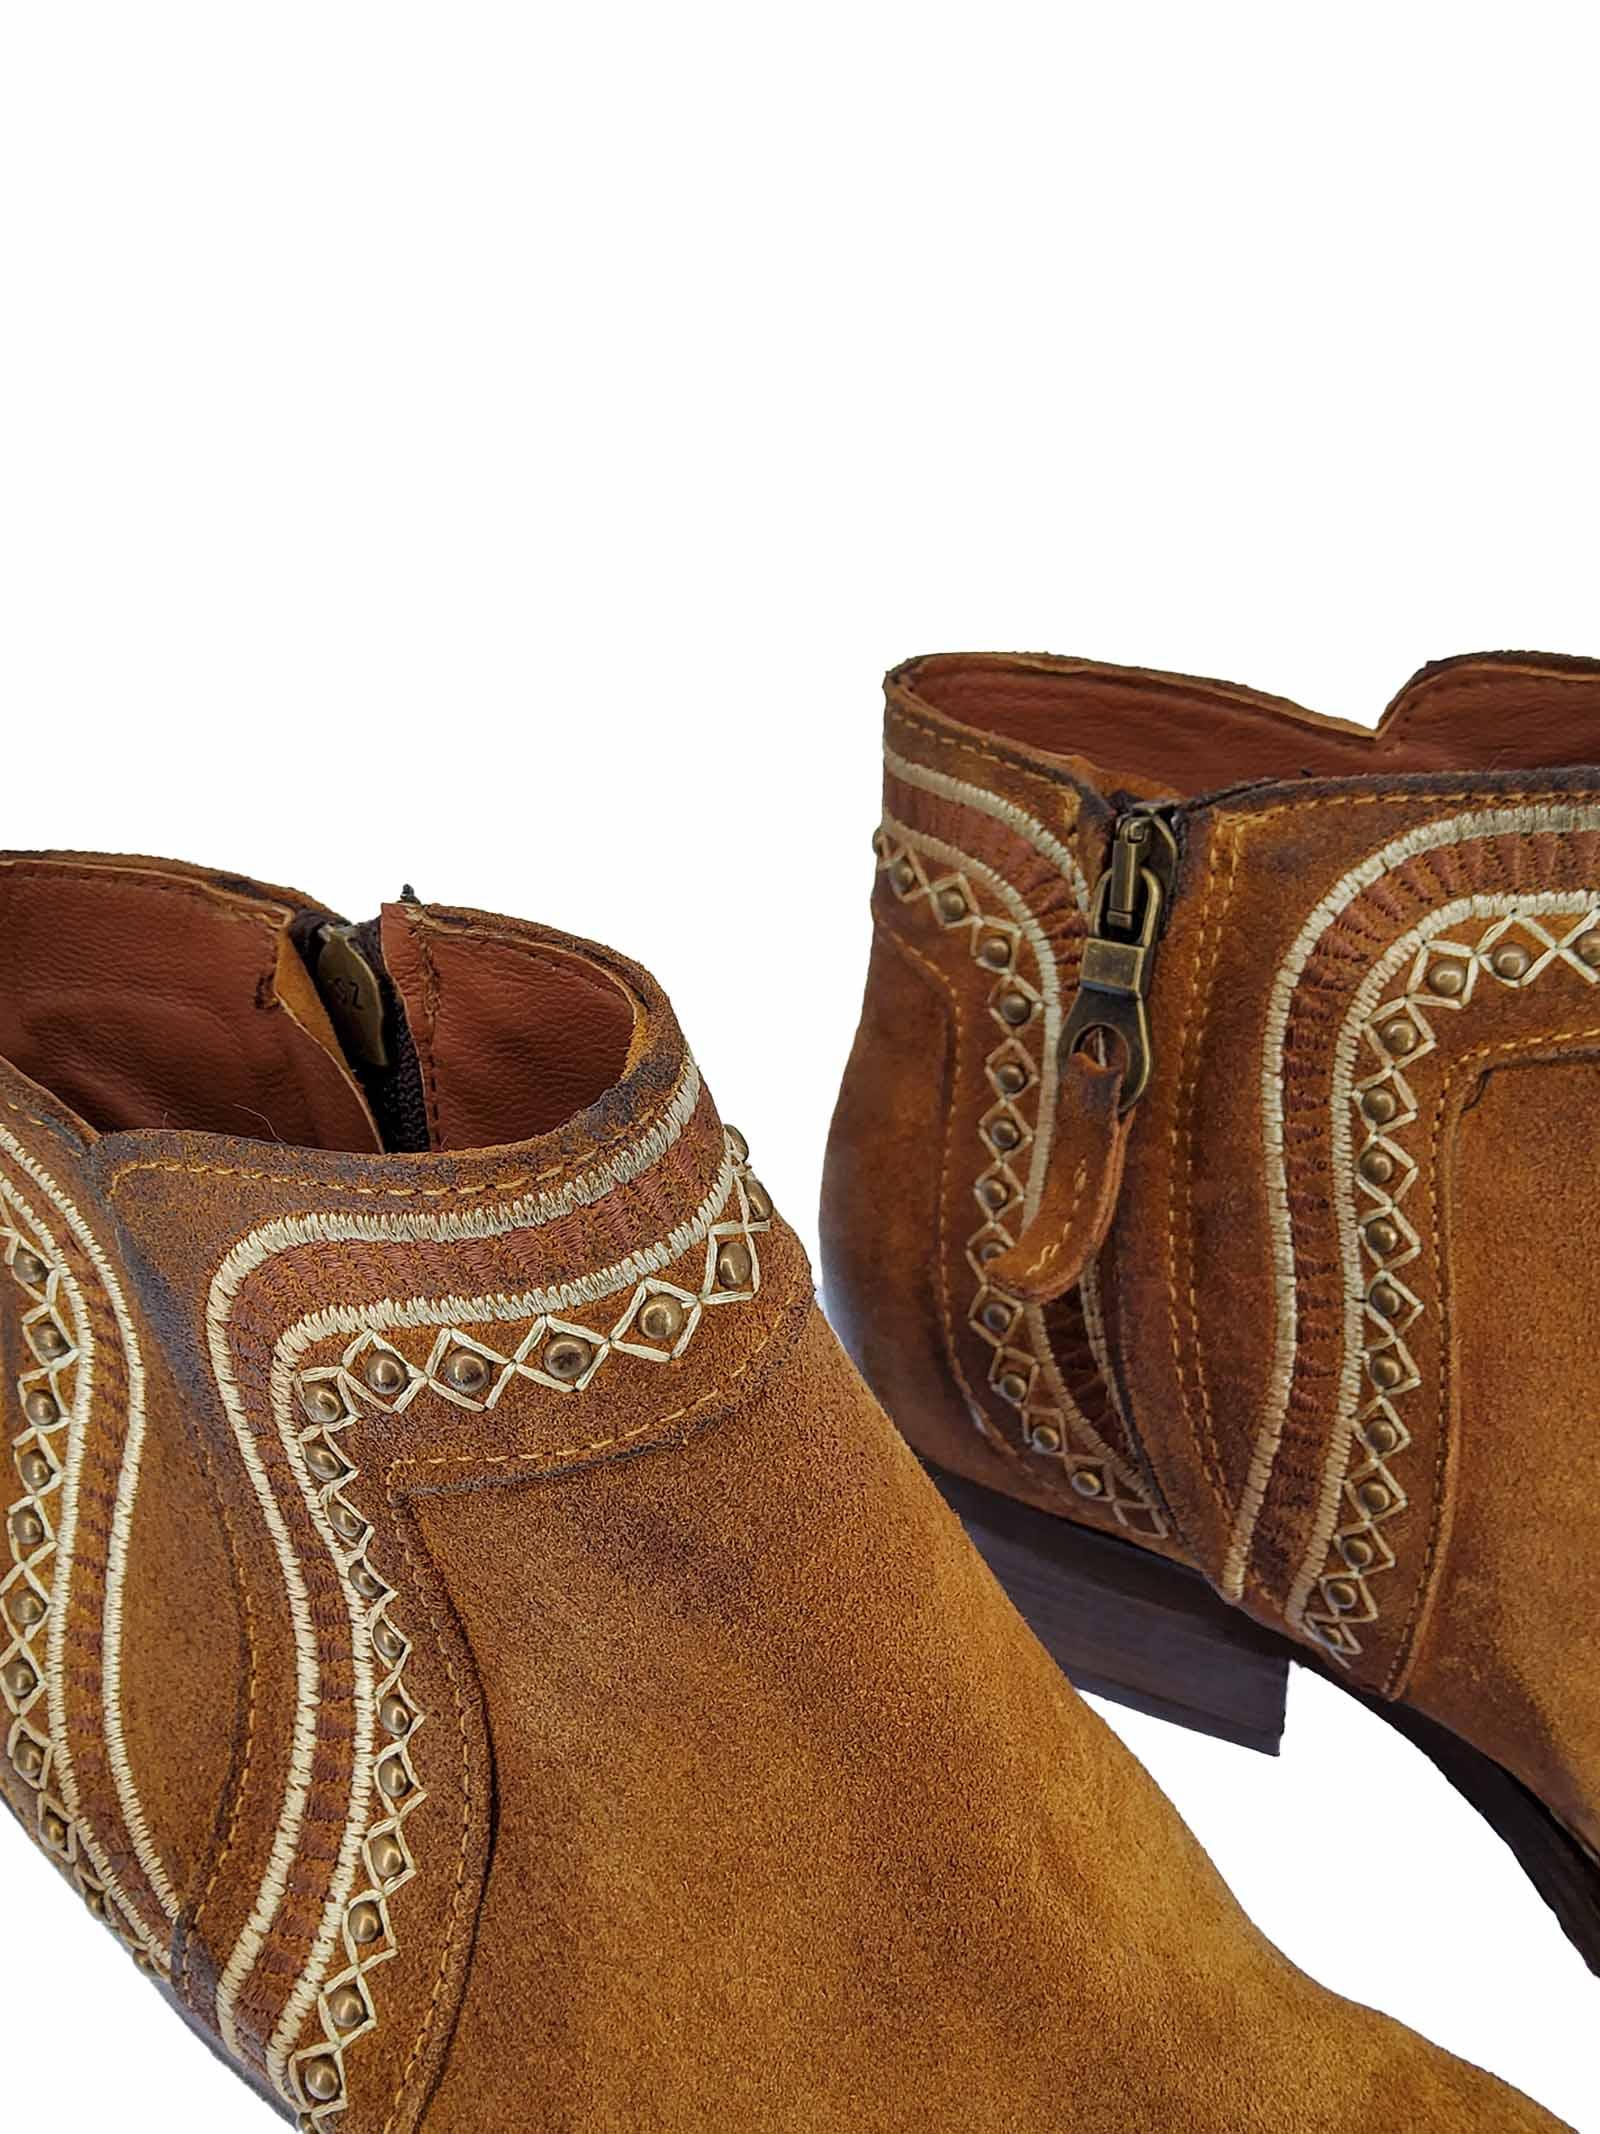 Calzature Donna Stivaletti Texani in Camoscio Cuoio con Borchie e Cuciture zip Laterale e Punta Quadra Zoe | Stivaletti | NEZ05014